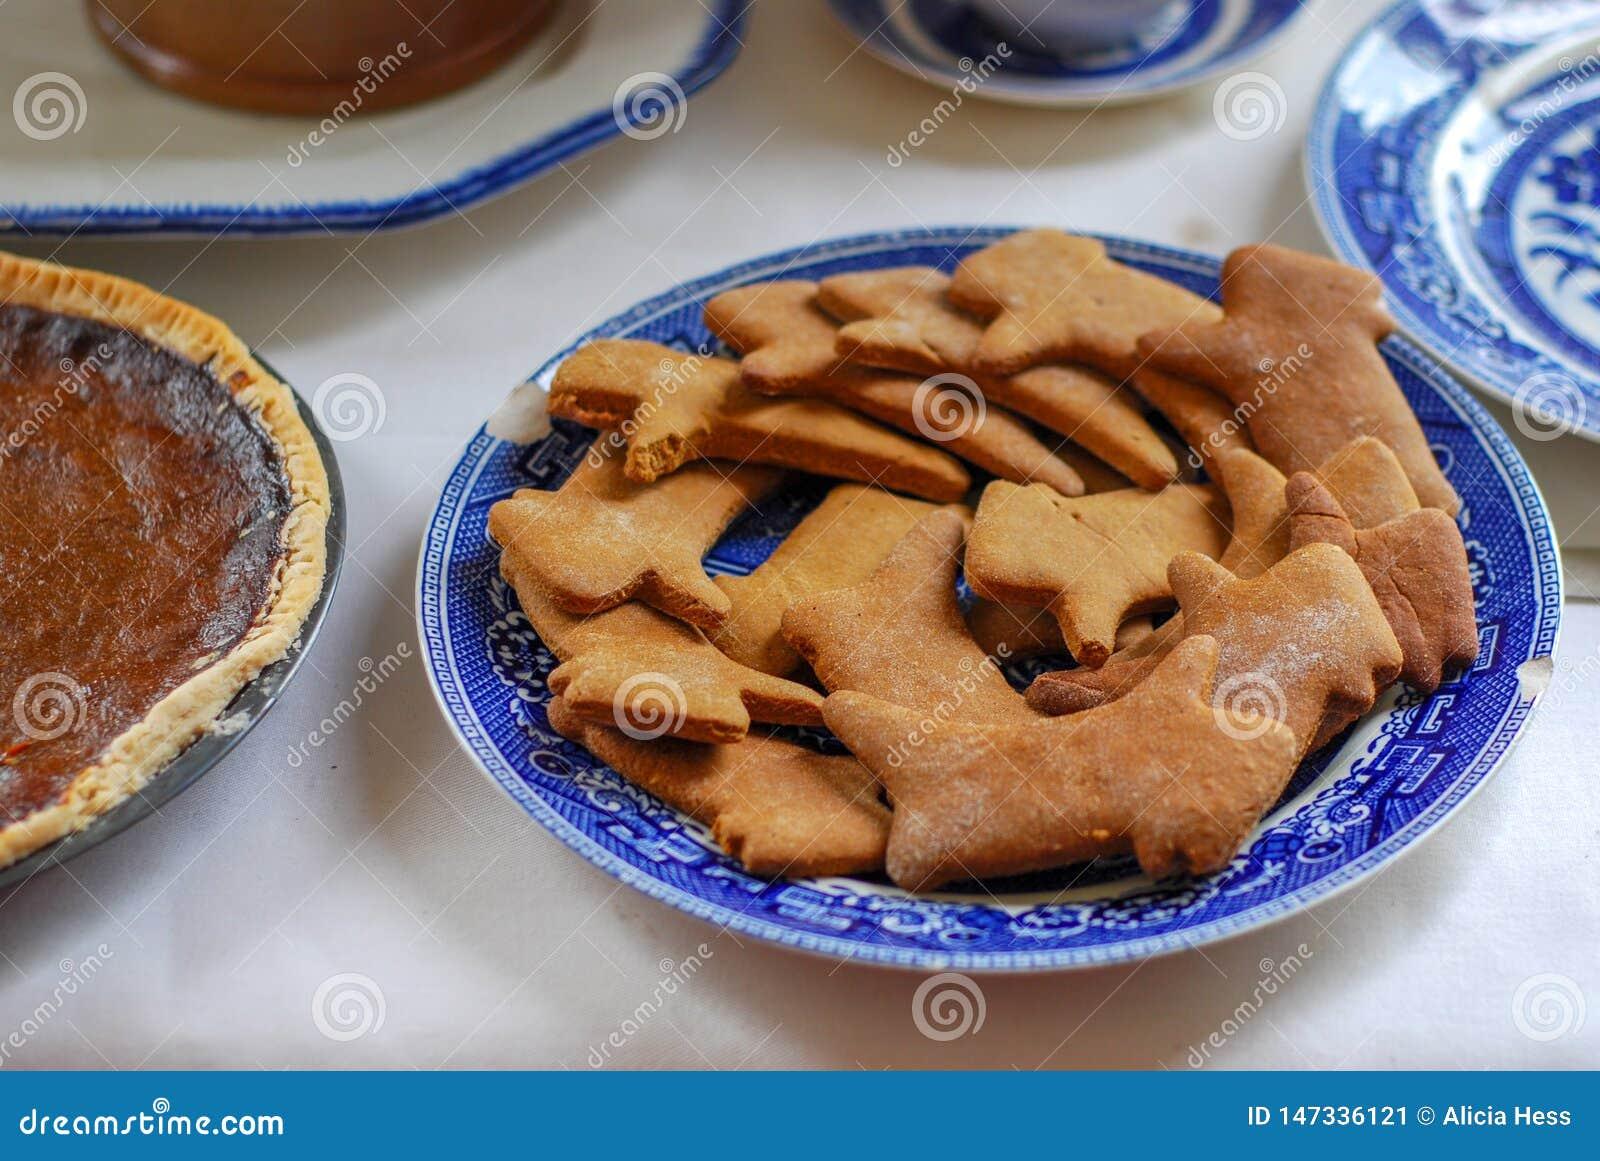 Очень вкусные печенья пряника на голубой античной плите